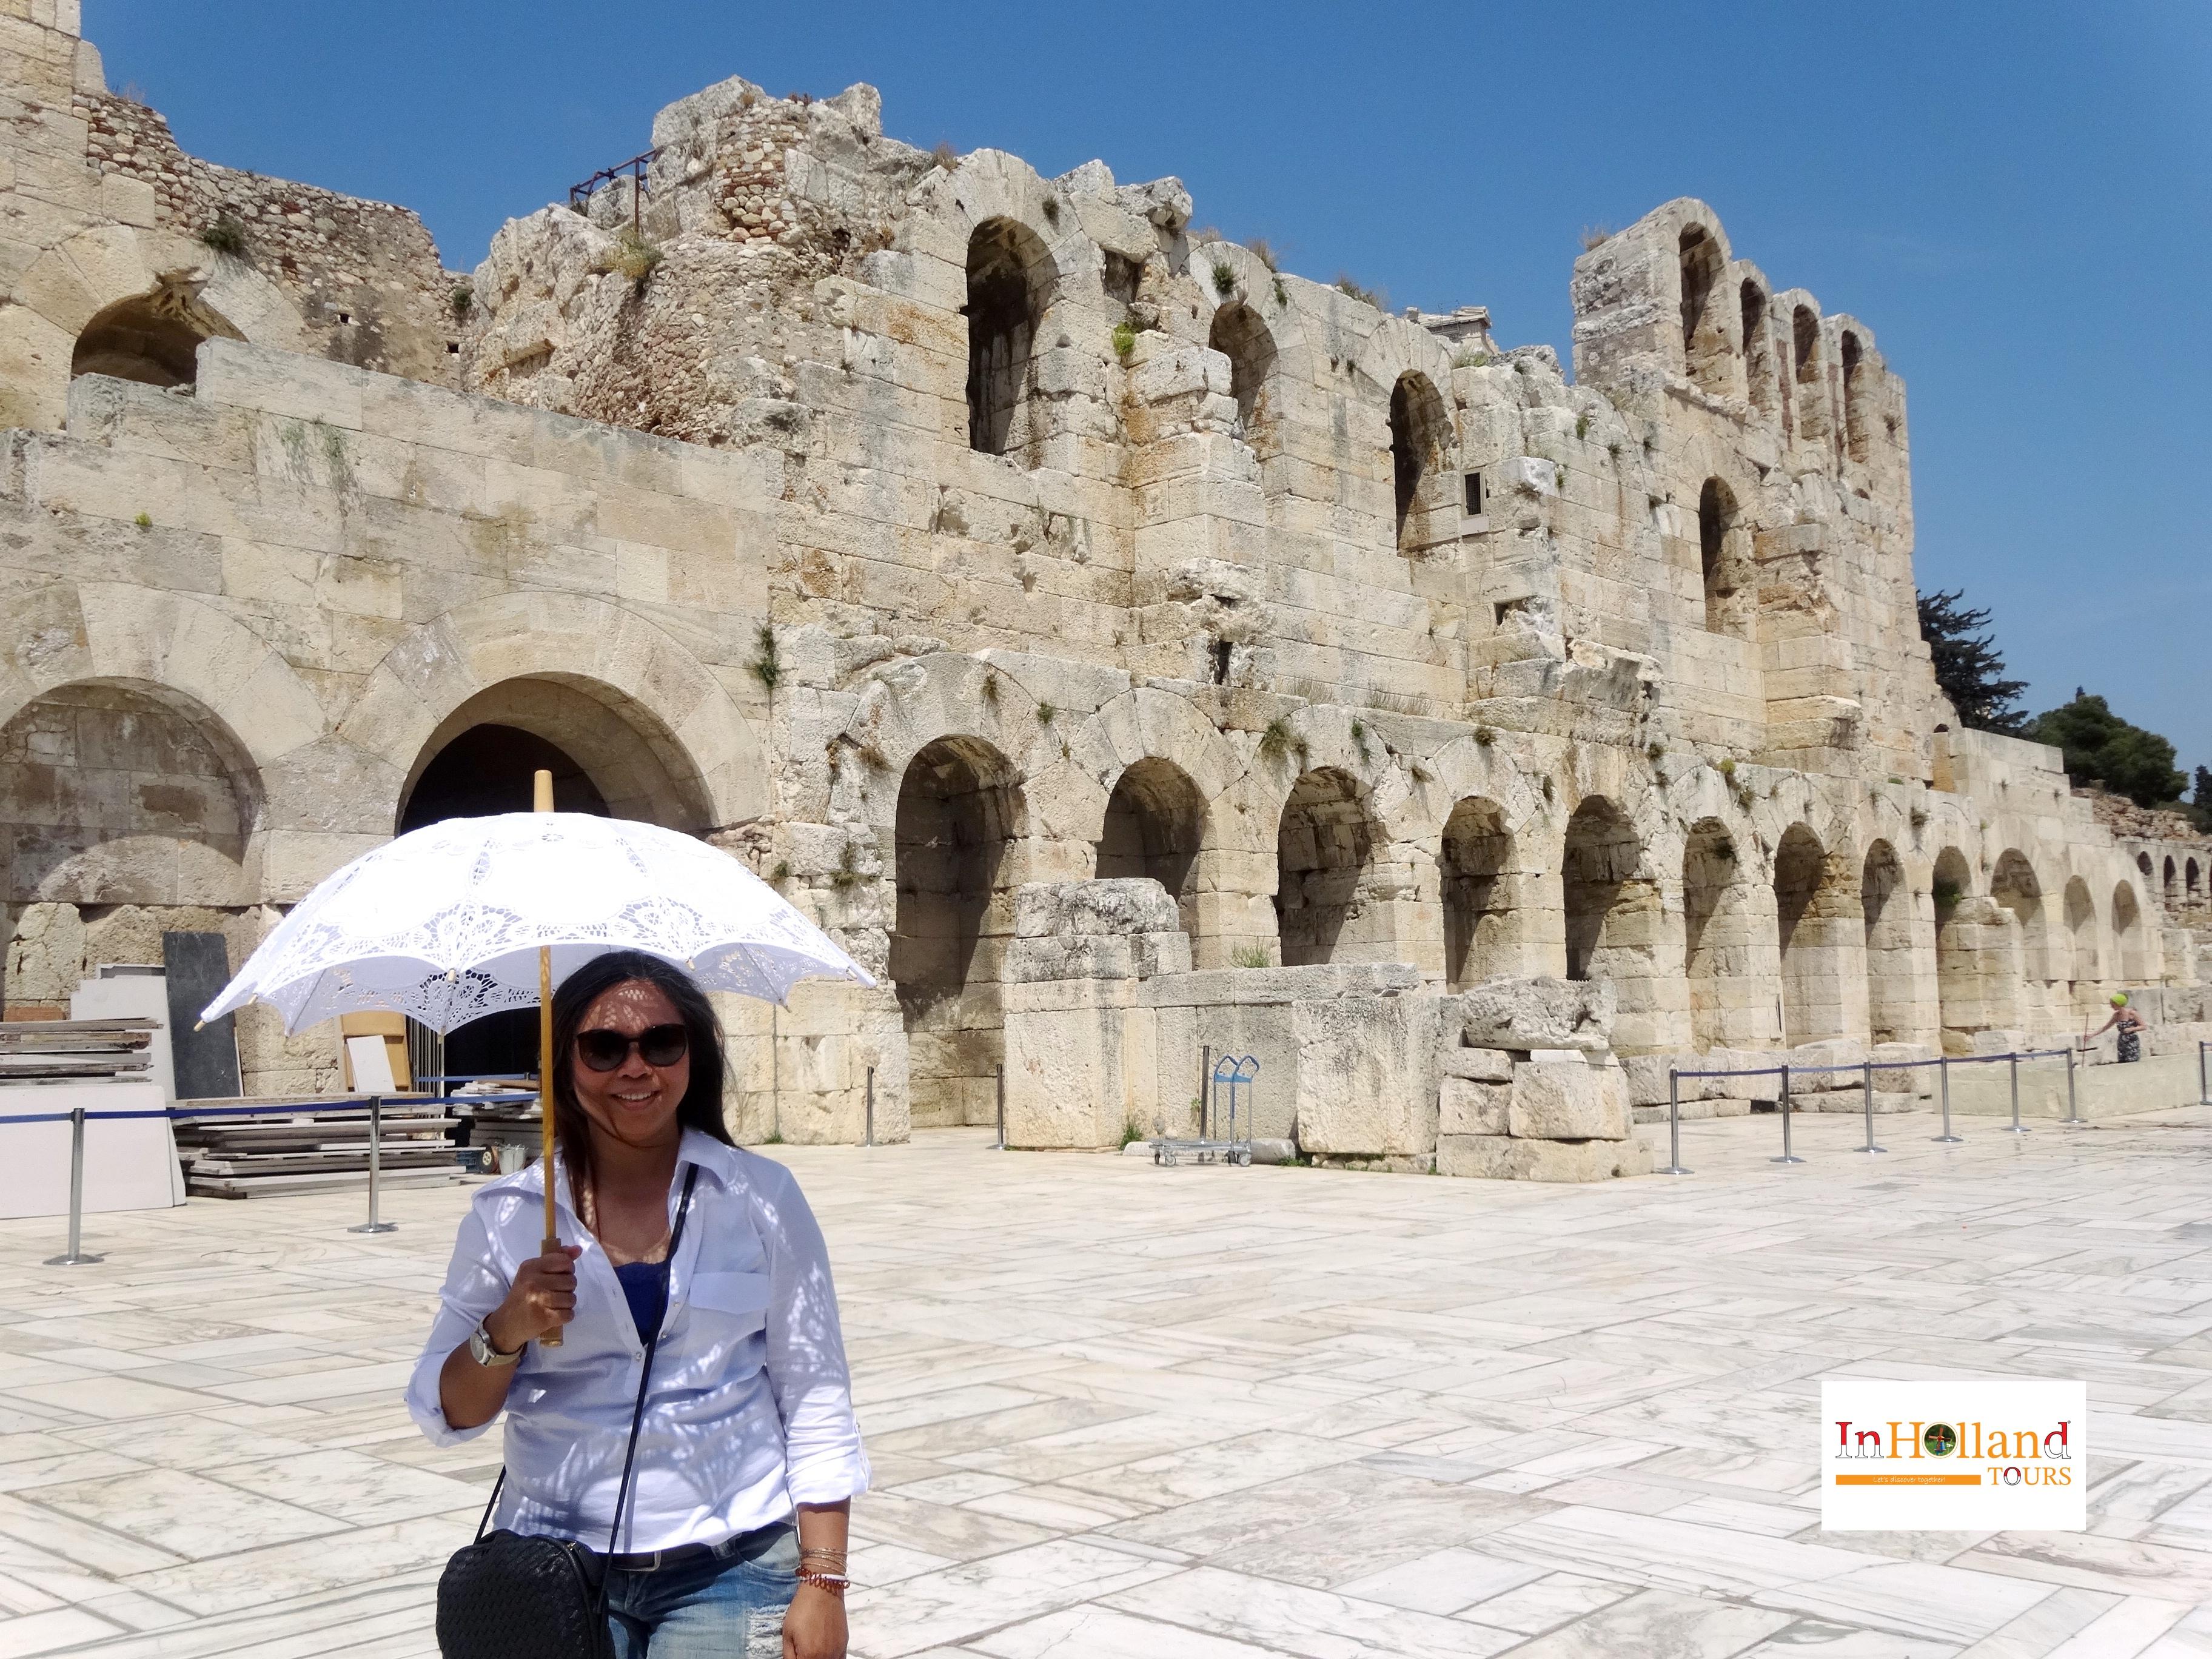 Liburan di Negara Dewa, Yunani